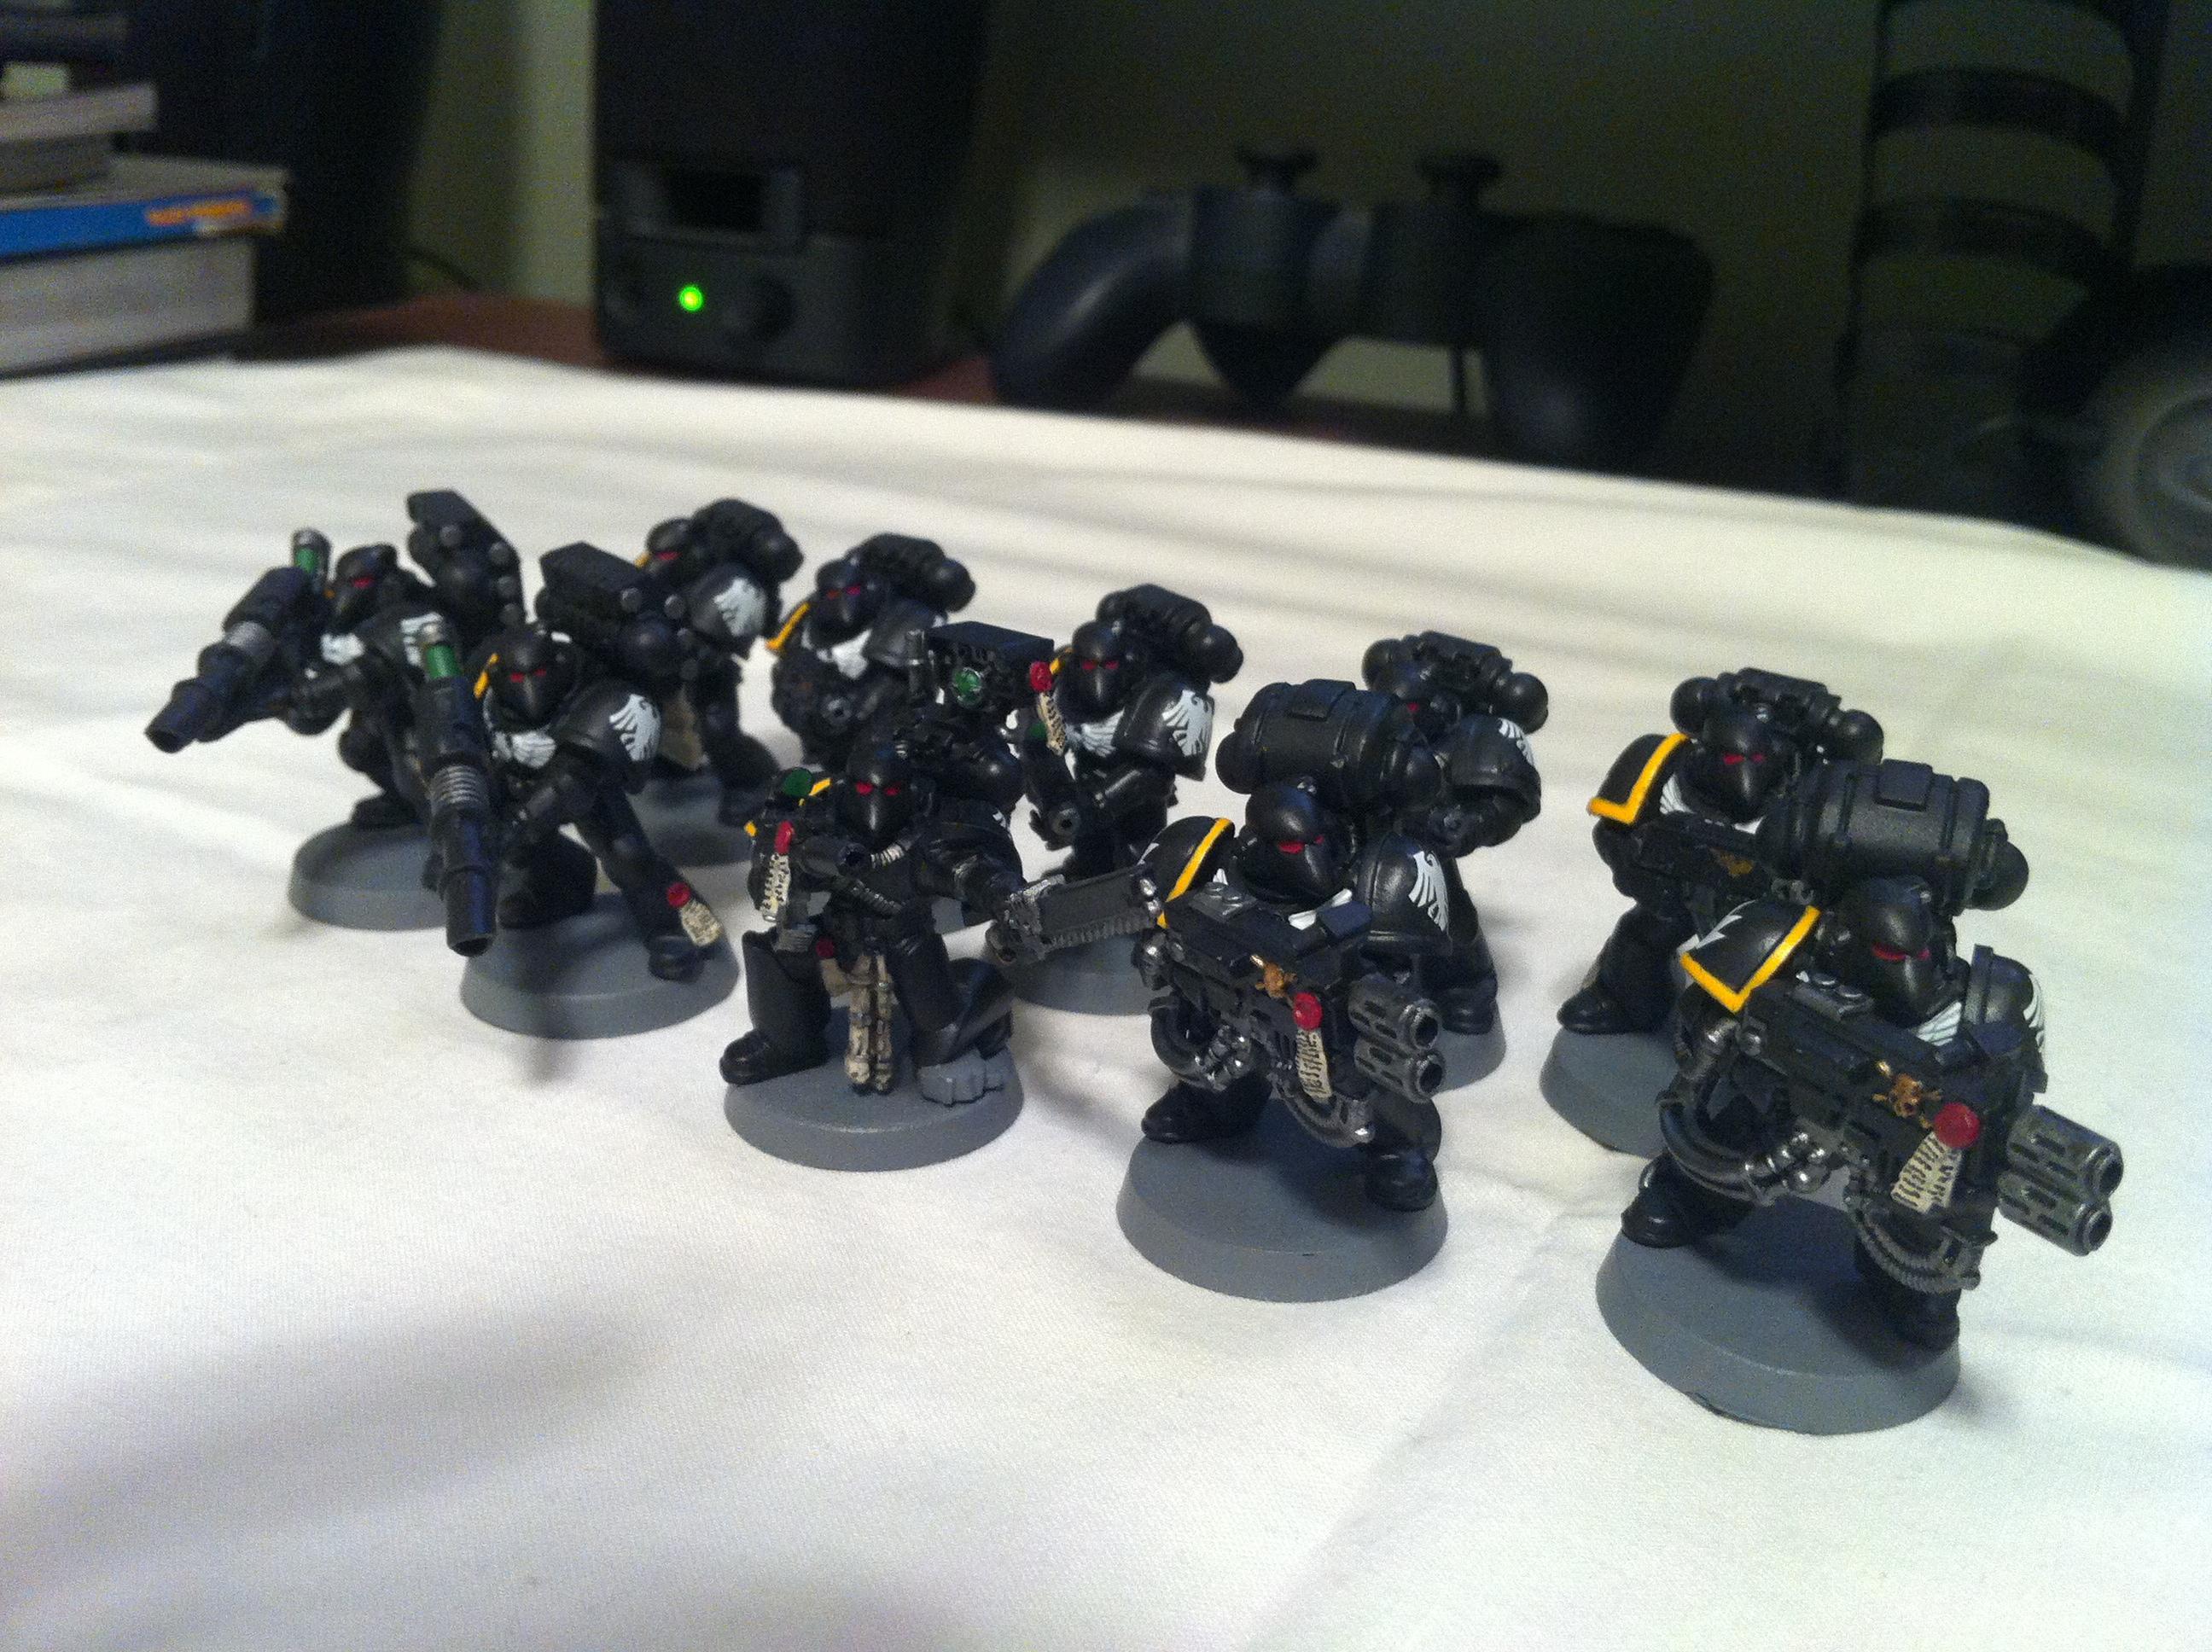 Beakie, Mk6, Mkvi, Raven Guard, Space Marines